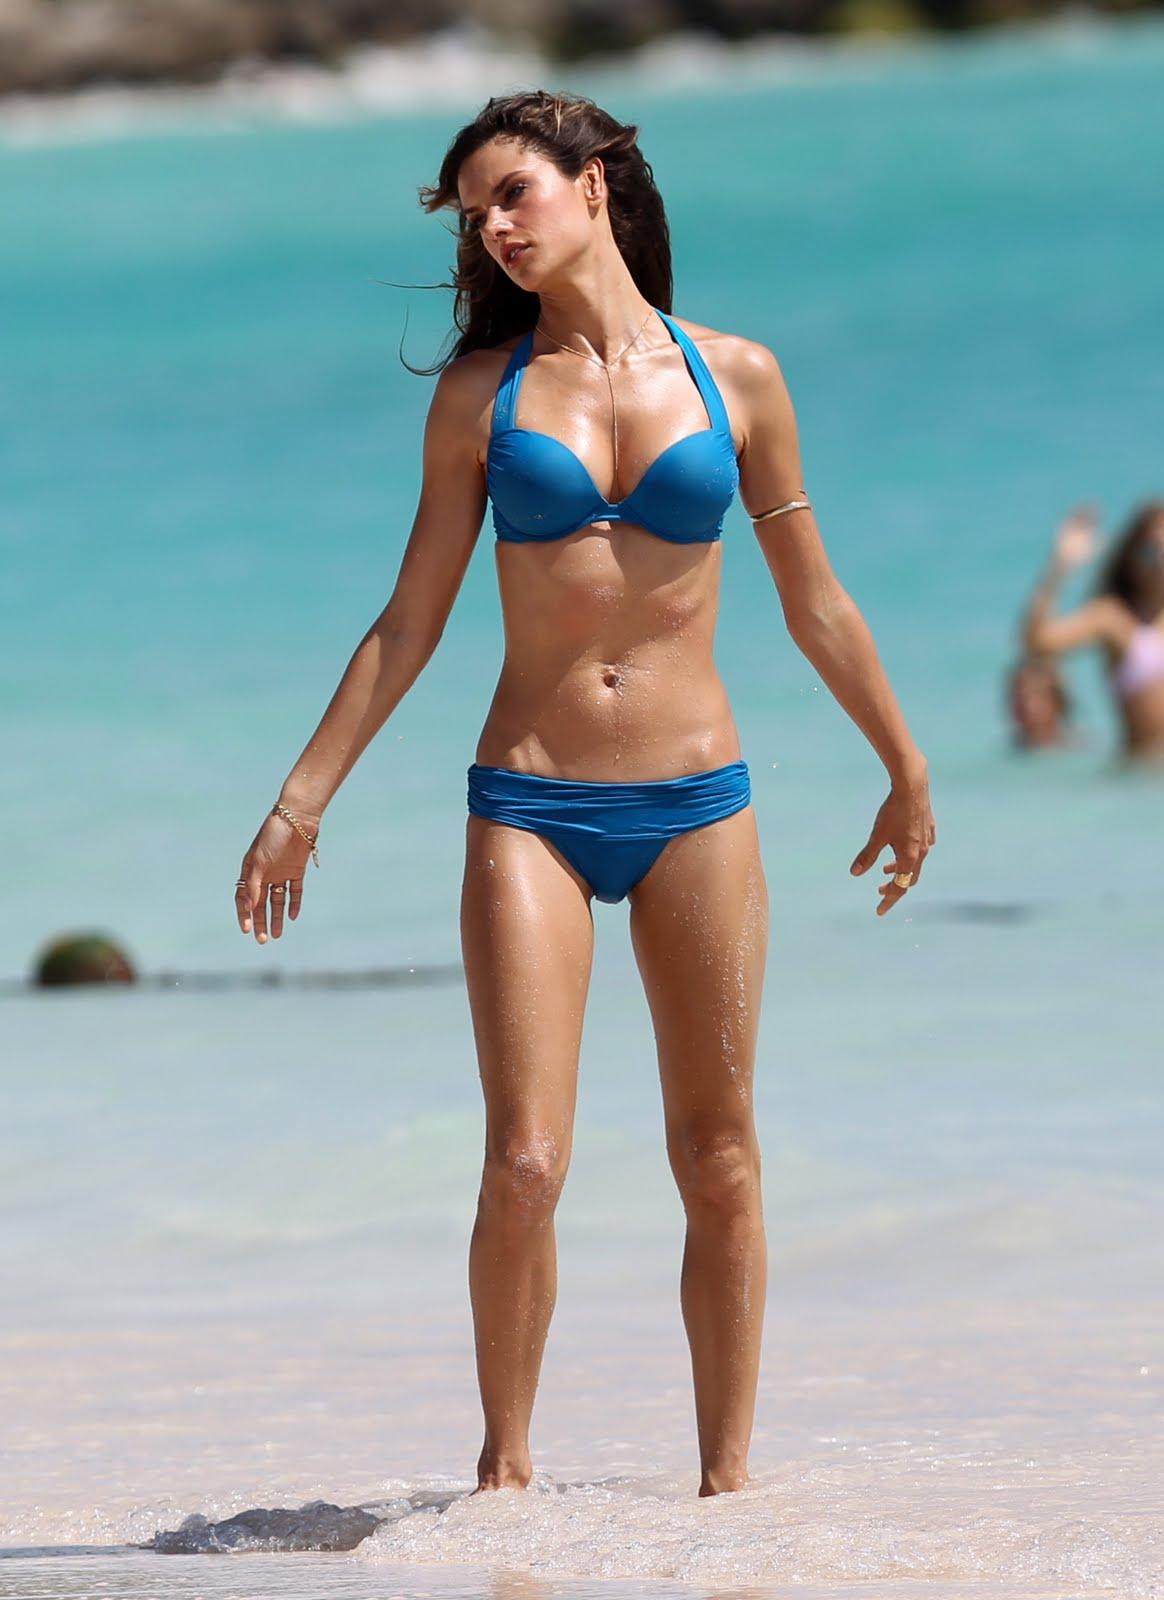 Hot & Sexy Alessandra Ambrosio in Victoria's Secret Bikini ... алессандра амбросио